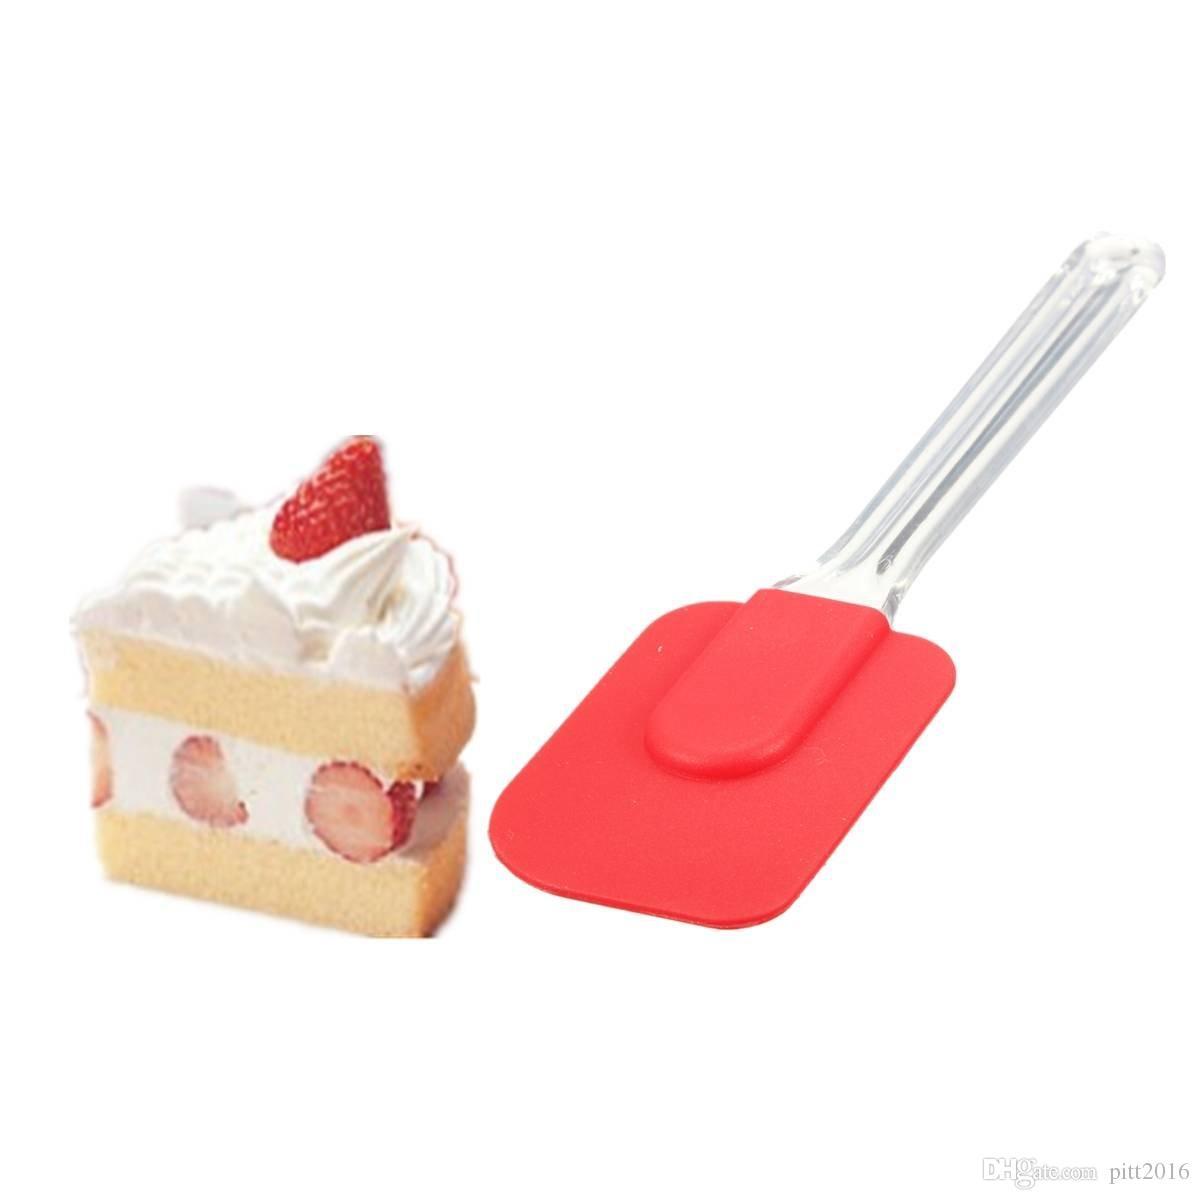 Hot strumenti di cottura cucina torta coltello burro coltello protezione ambientale silicone butter spreader DHL KLQ0100 spedizione gratuita